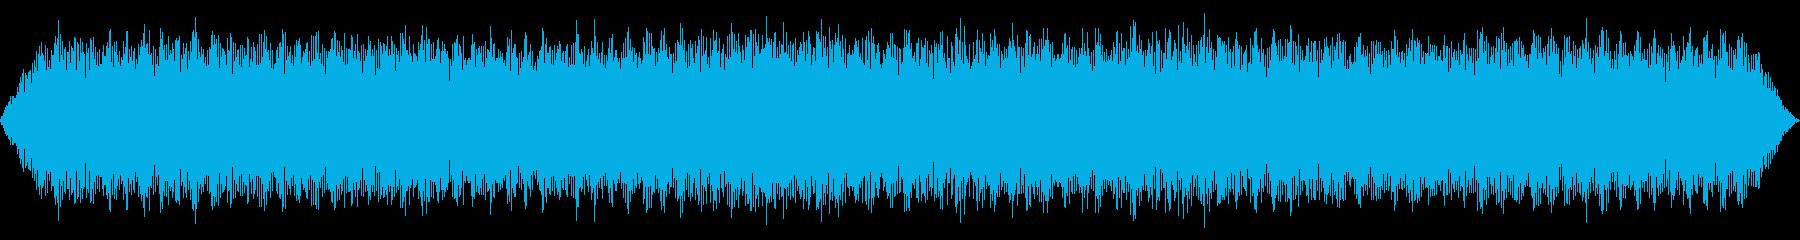 プロペラ機エンジンのアイドリングの再生済みの波形